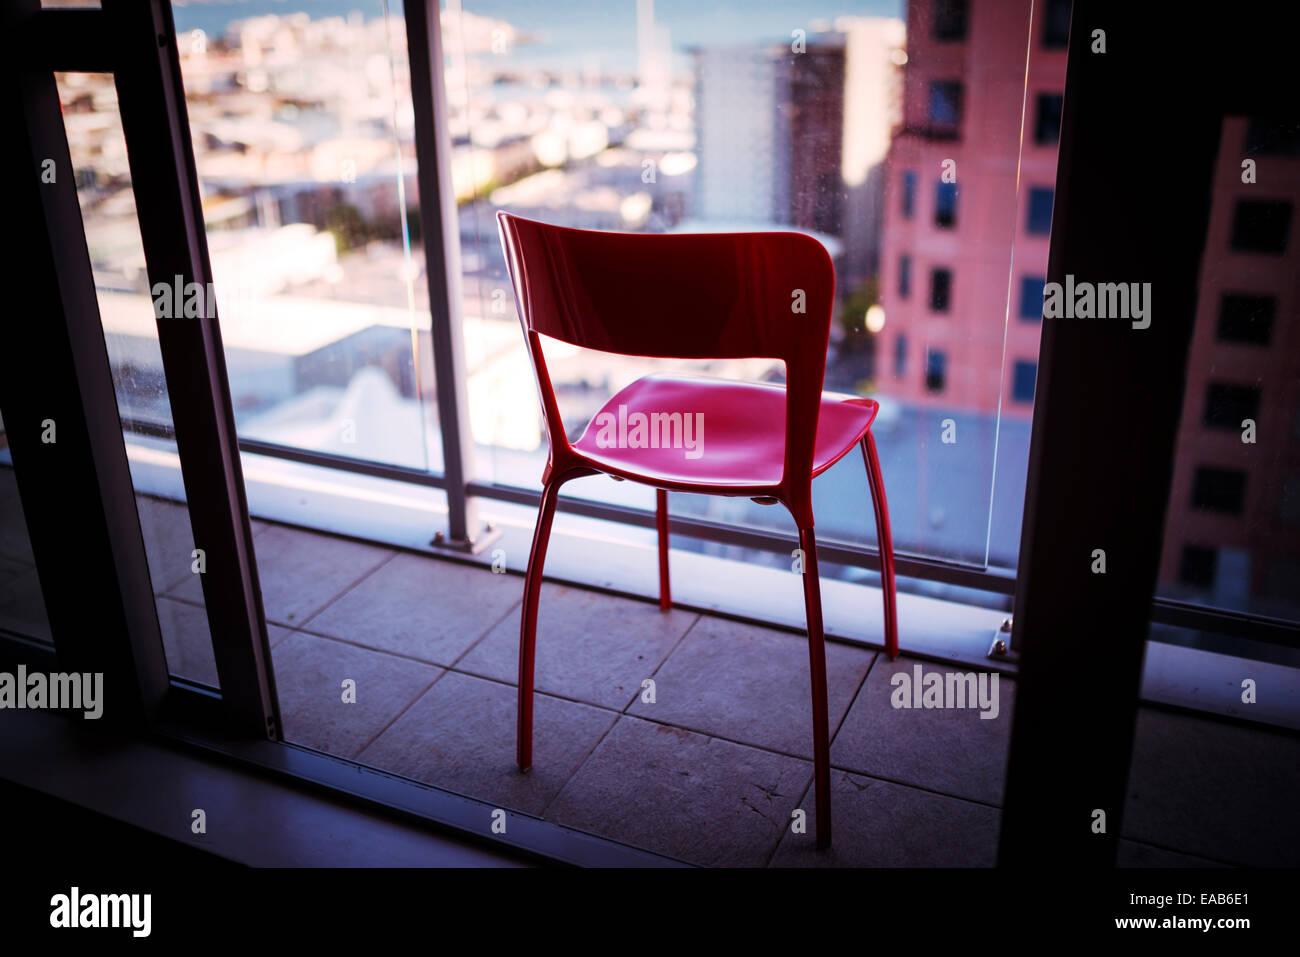 Sedia rossa sul balcone appartamento Immagini Stock